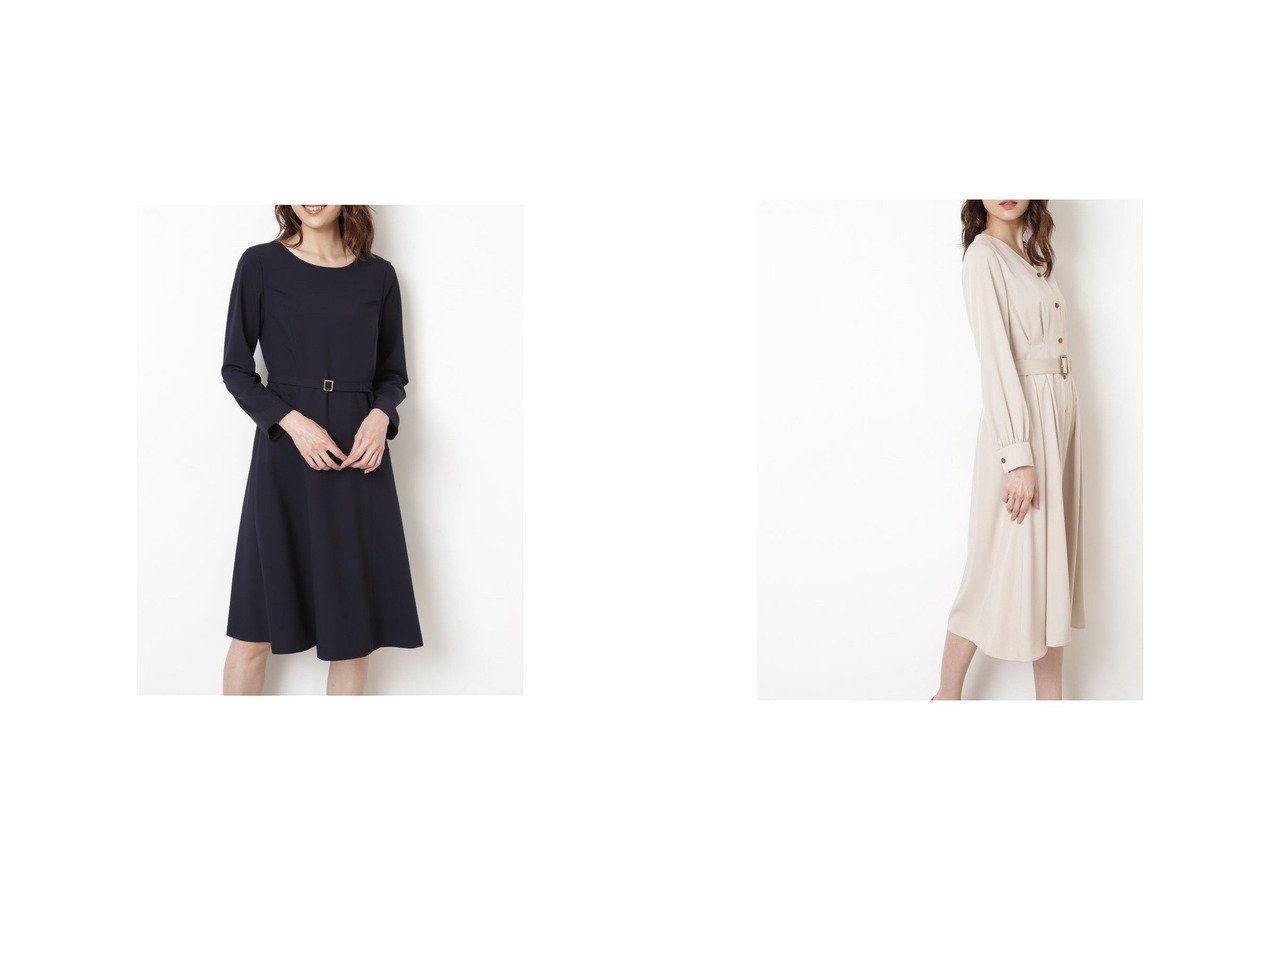 【NATURAL BEAUTY BASIC/ナチュラル ビューティー ベーシック】の[洗える]ジョーゼットフレアワンピース&ウエストタックワンピース ワンピース・ドレスのおすすめ!人気、トレンド・レディースファッションの通販 おすすめで人気の流行・トレンド、ファッションの通販商品 メンズファッション・キッズファッション・インテリア・家具・レディースファッション・服の通販 founy(ファニー) https://founy.com/ ファッション Fashion レディースファッション WOMEN ワンピース Dress 春 Spring 洗える ジョーゼット スタンダード 定番 Standard 人気 マーメイド 2021年 2021 S/S 春夏 SS Spring/Summer 2021 春夏 S/S SS Spring/Summer 2021 |ID:crp329100000016433